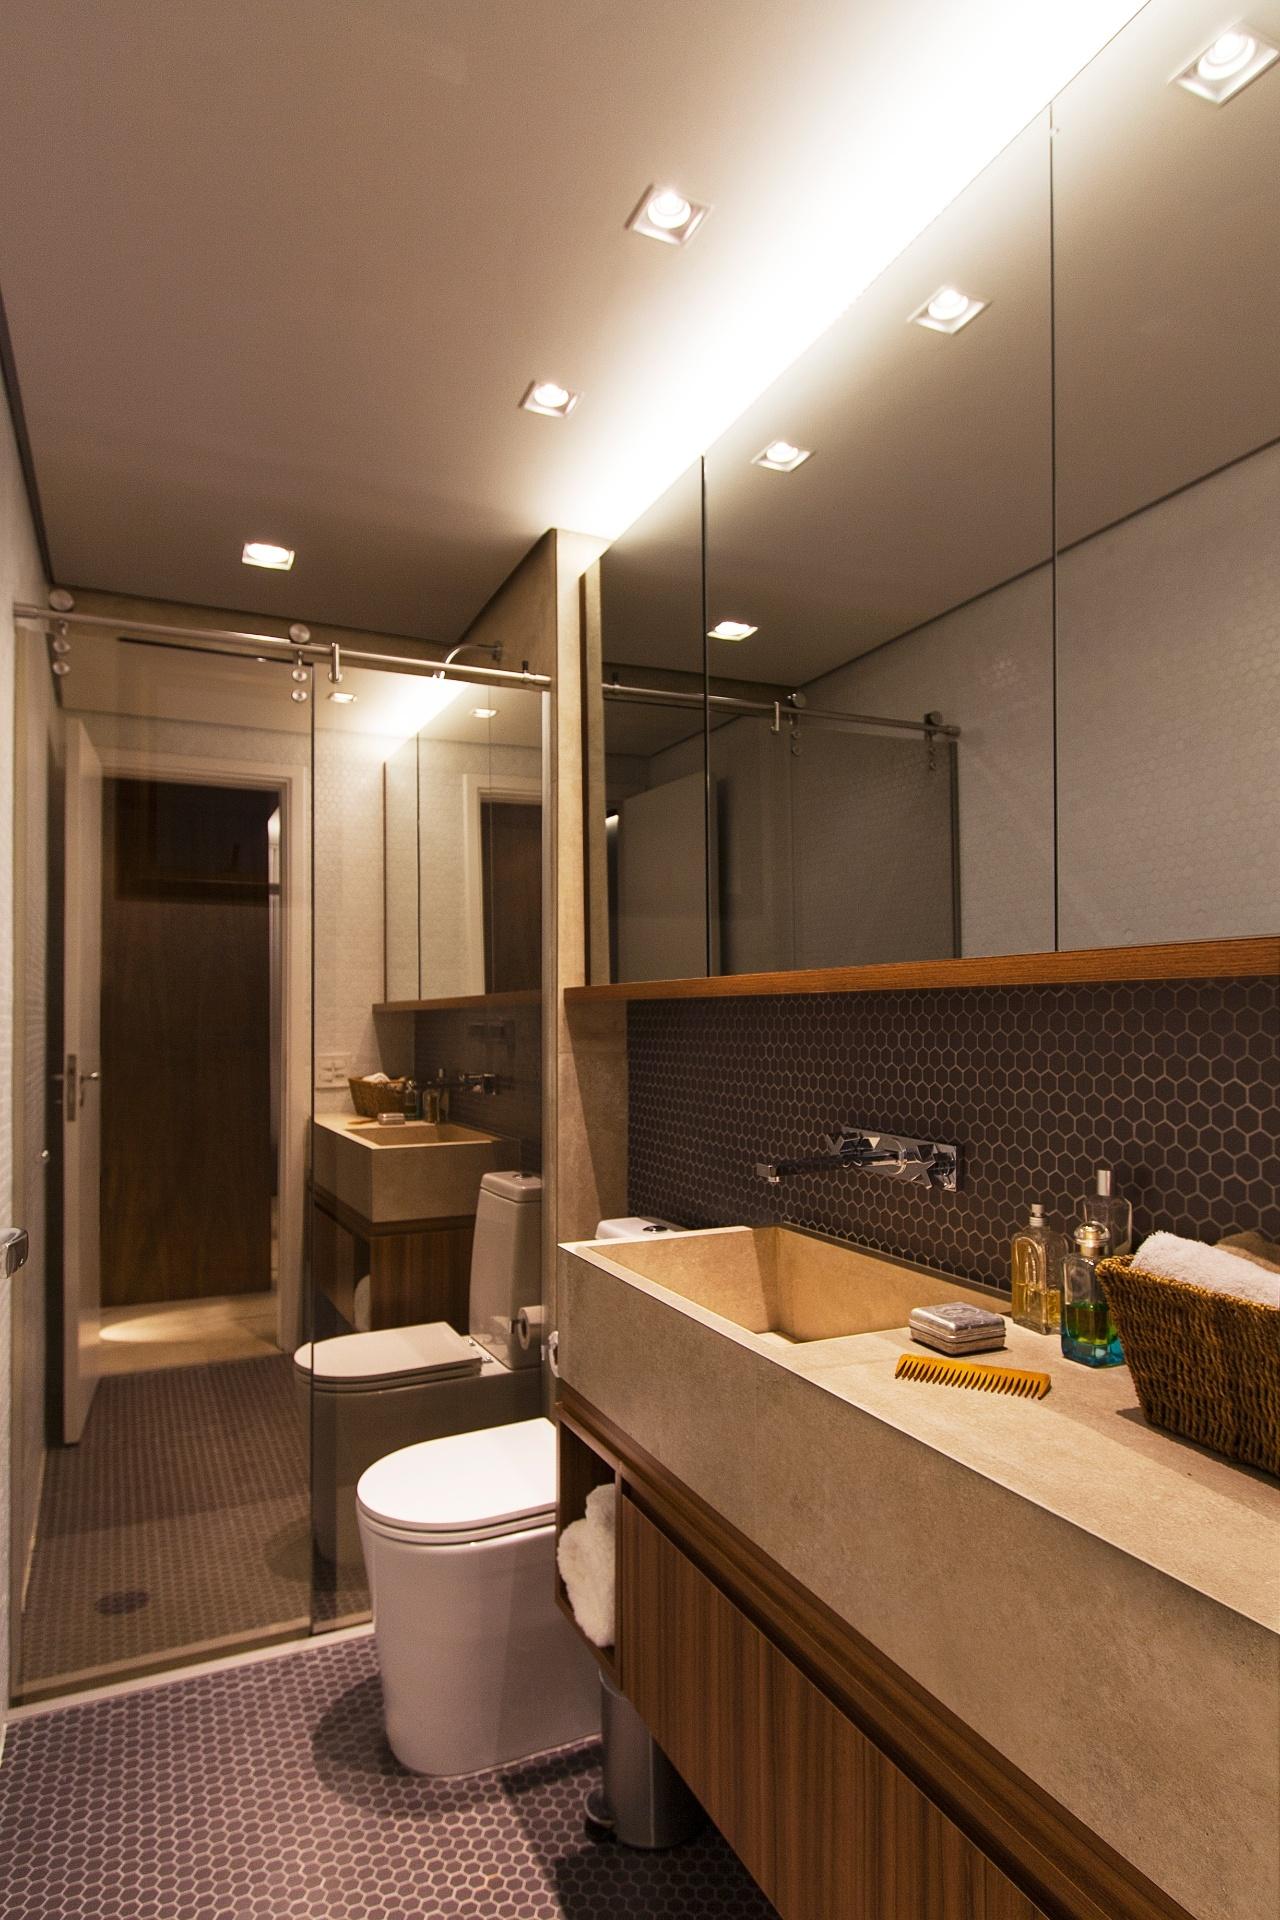 Inspire se em projetos de arquitetura e decoração para casas BOL  #C47E07 1280x1920 Banheiro Com Porcelanato De Madeira